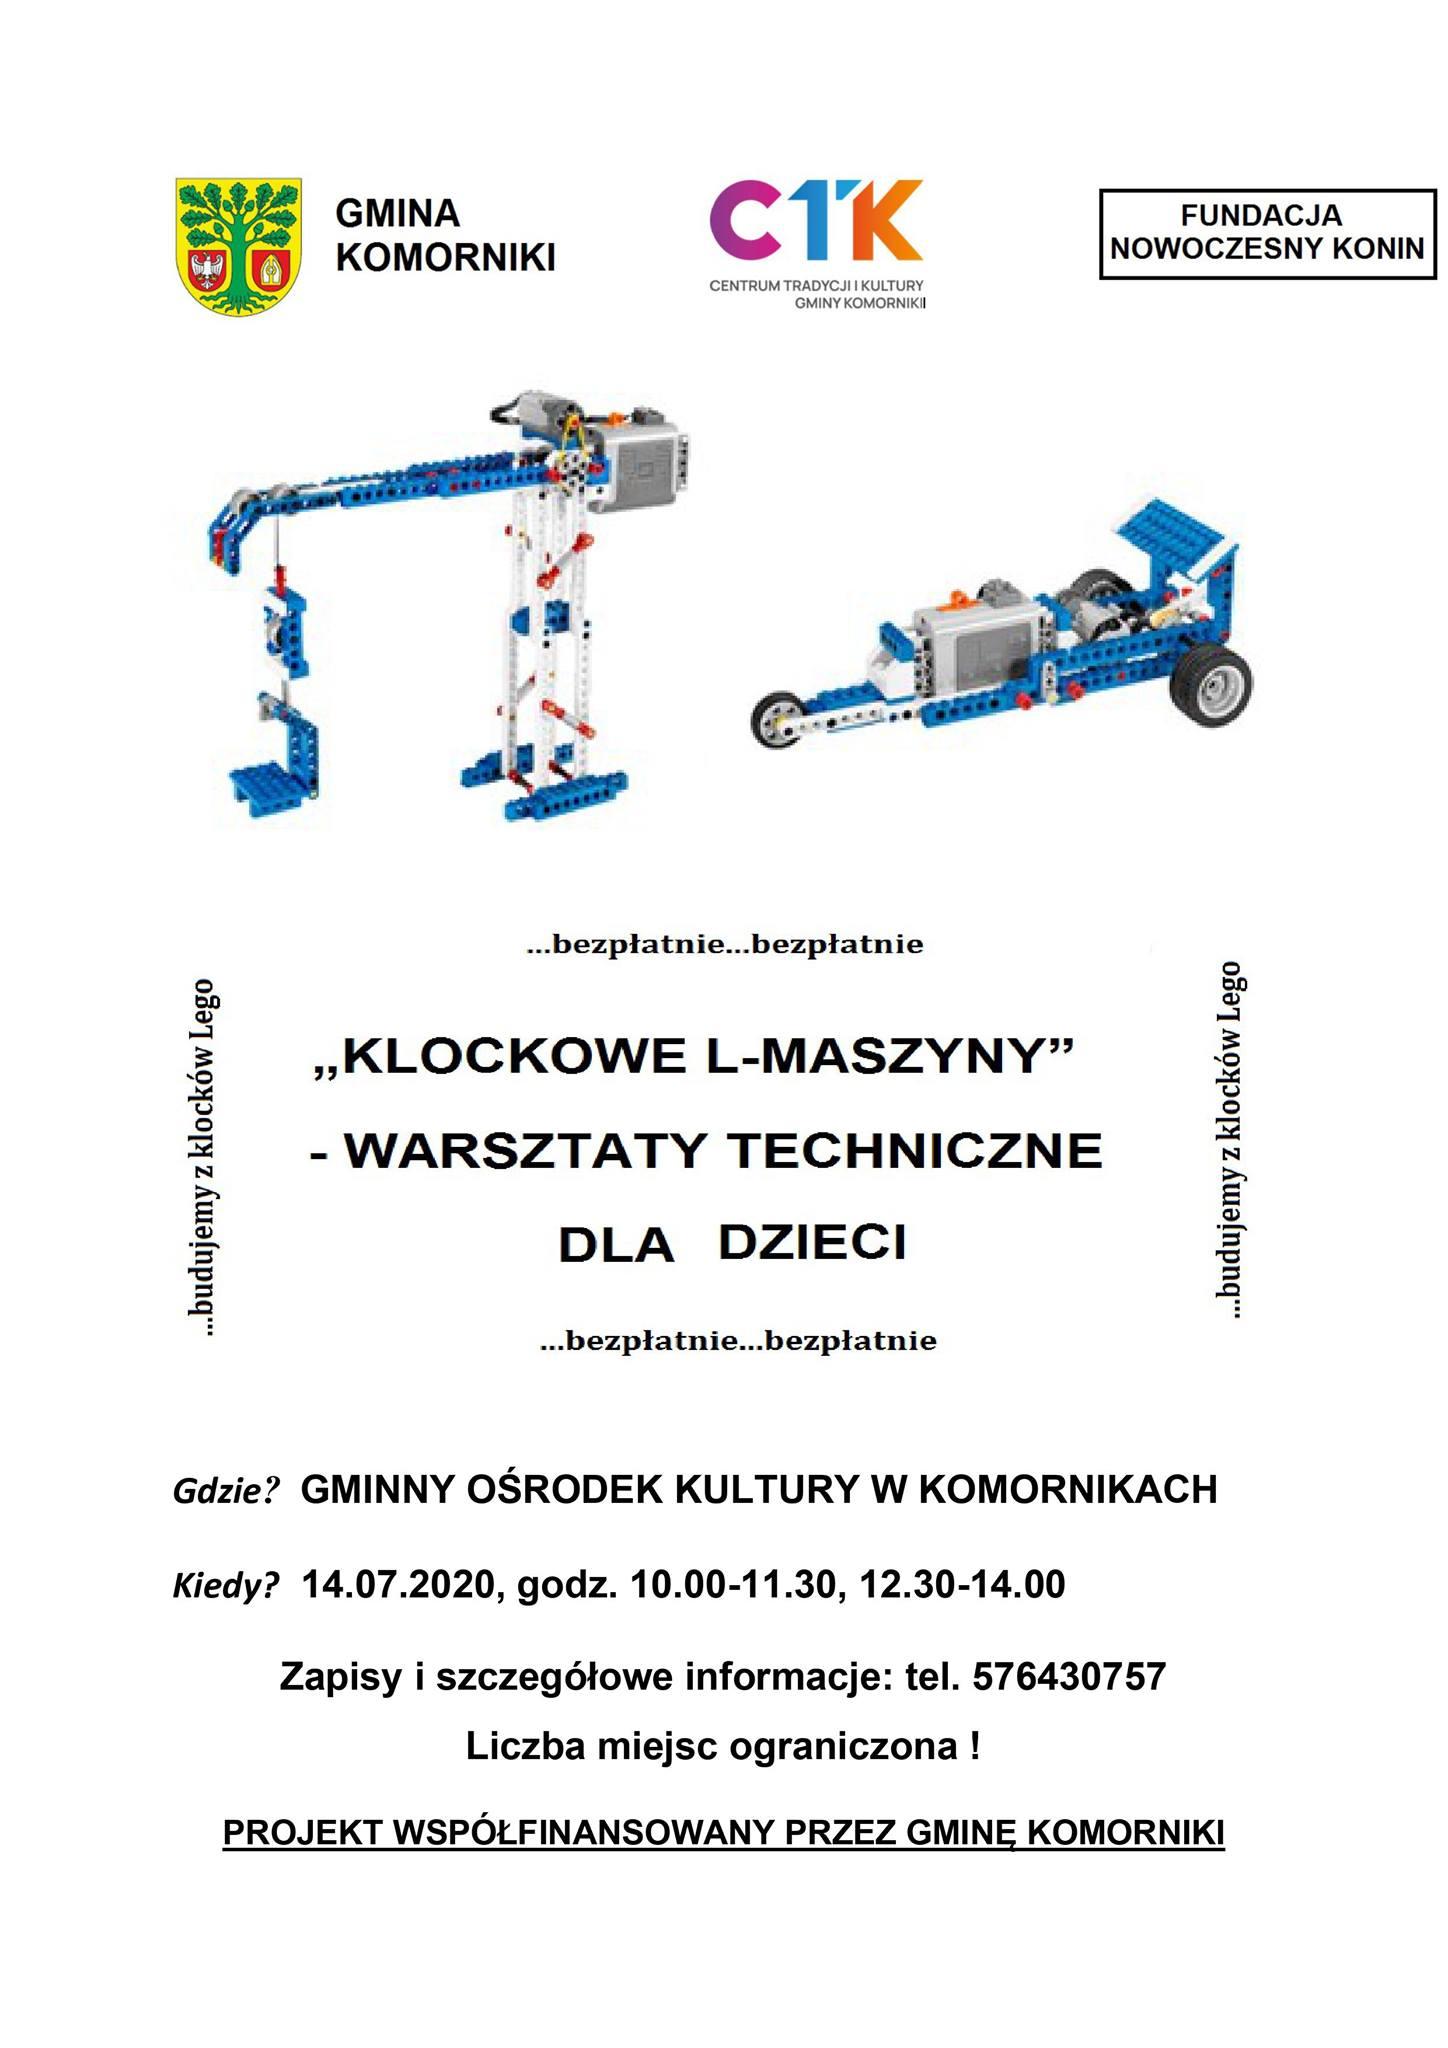 KLOCKOWE L-MASZYNY